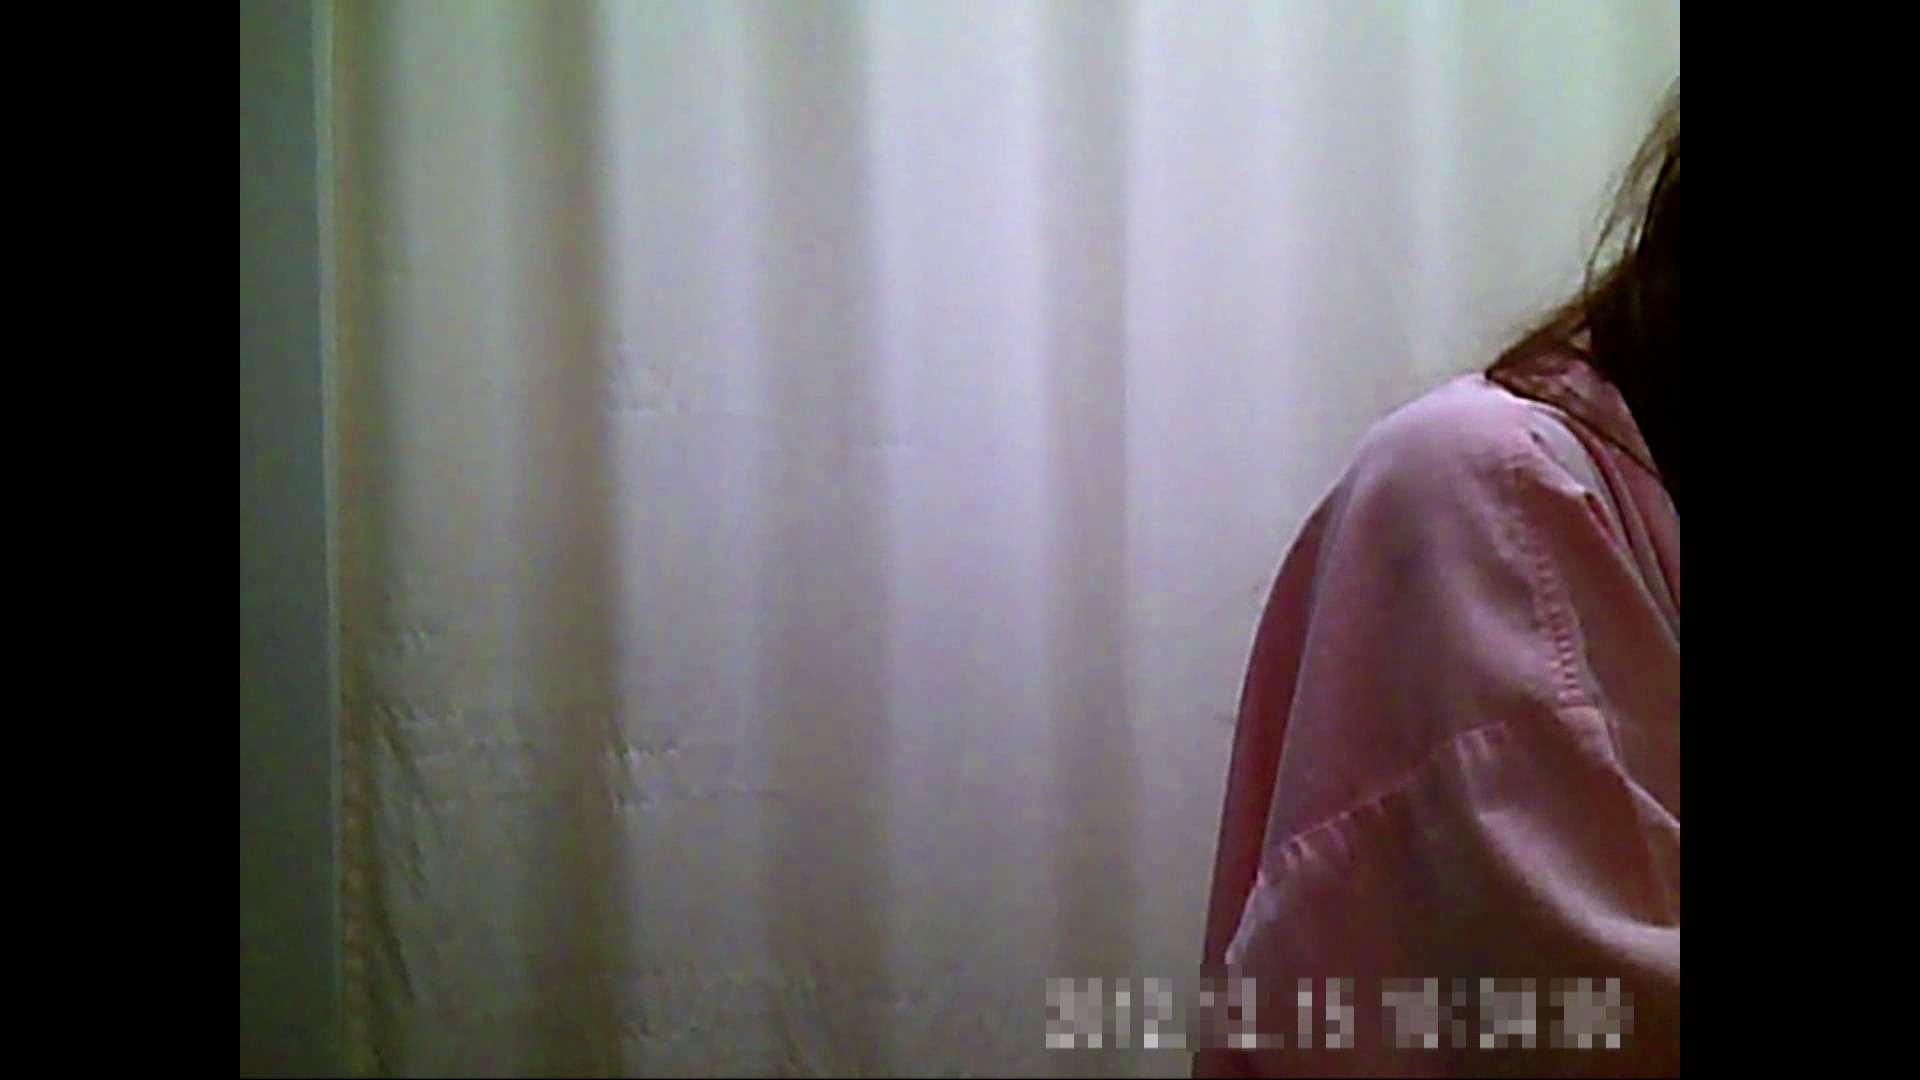 病院おもいっきり着替え! vol.178 乳首 オマンコ無修正動画無料 73pic 68